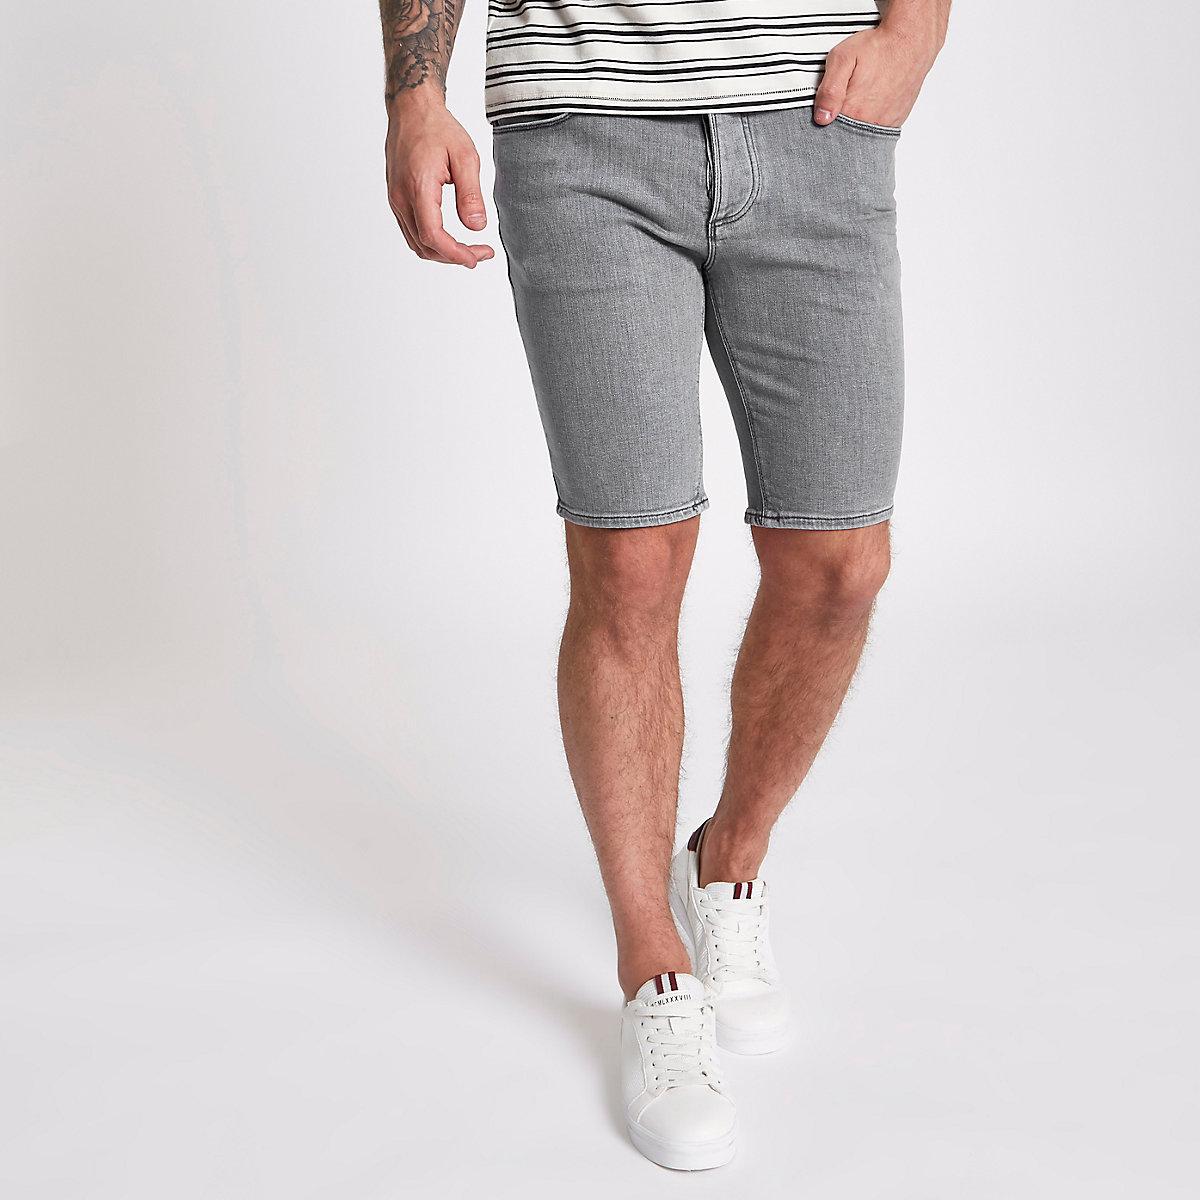 Smokey grey skinny denim shorts